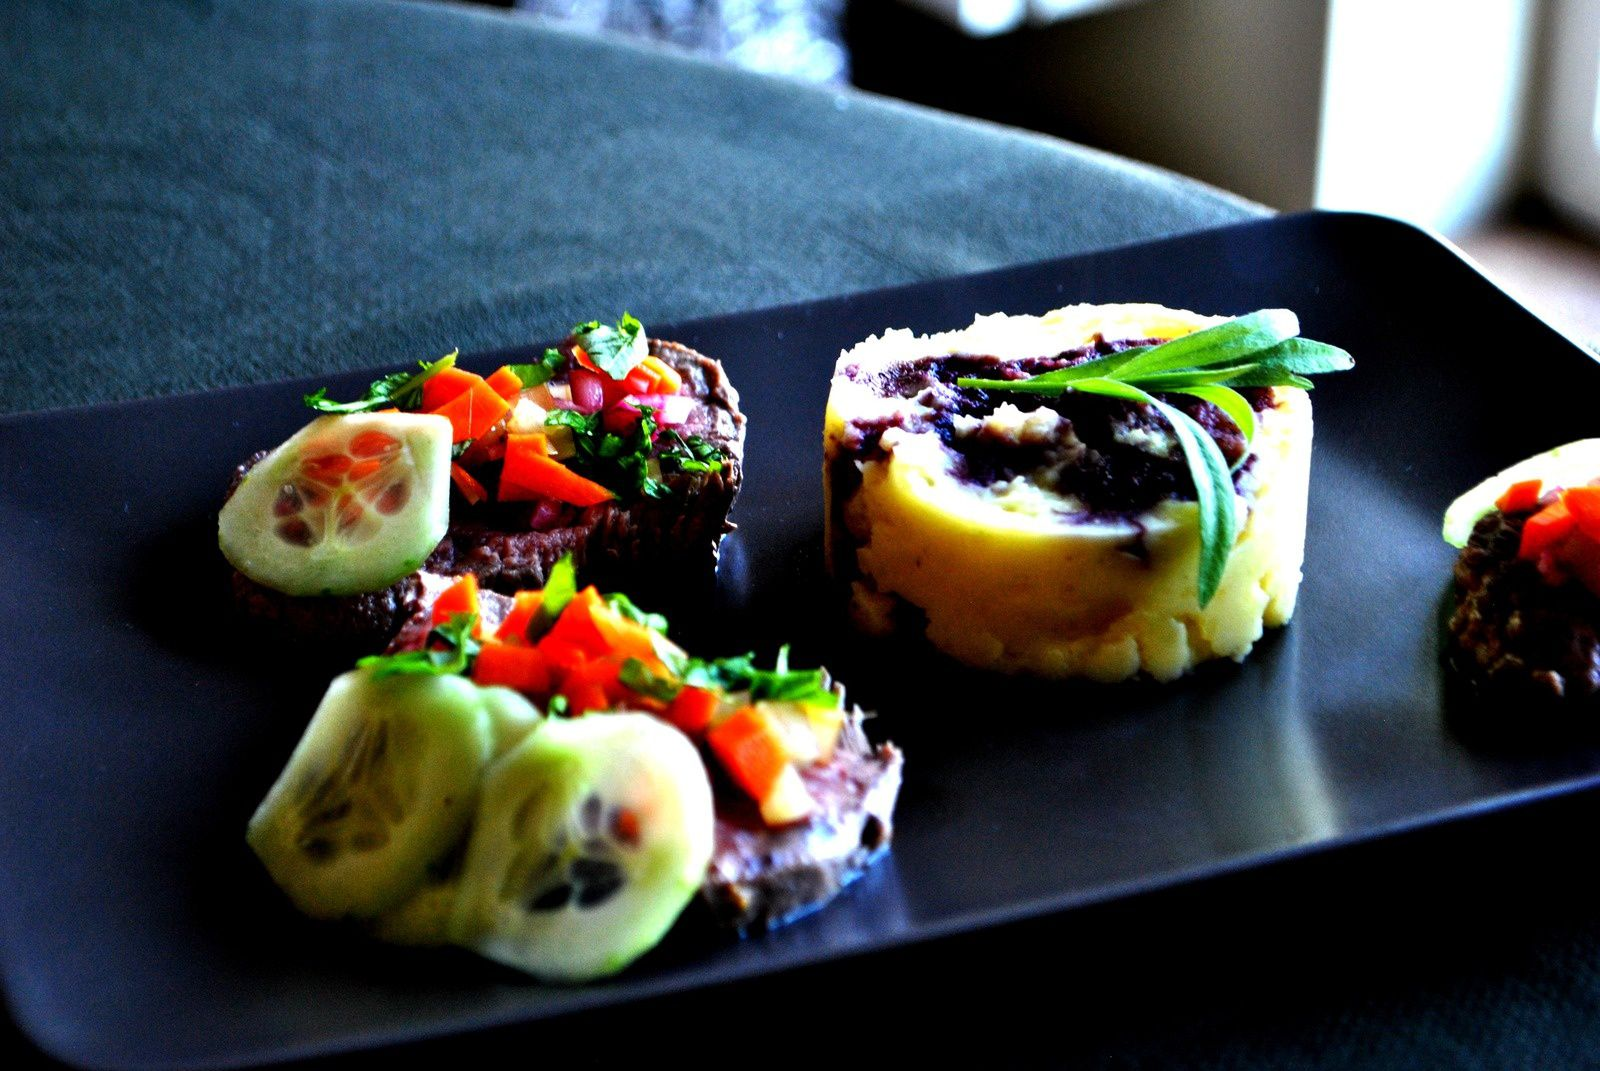 Rumsteack de boeuf et réduction de vin, pickles de légumes et béarnaise maison